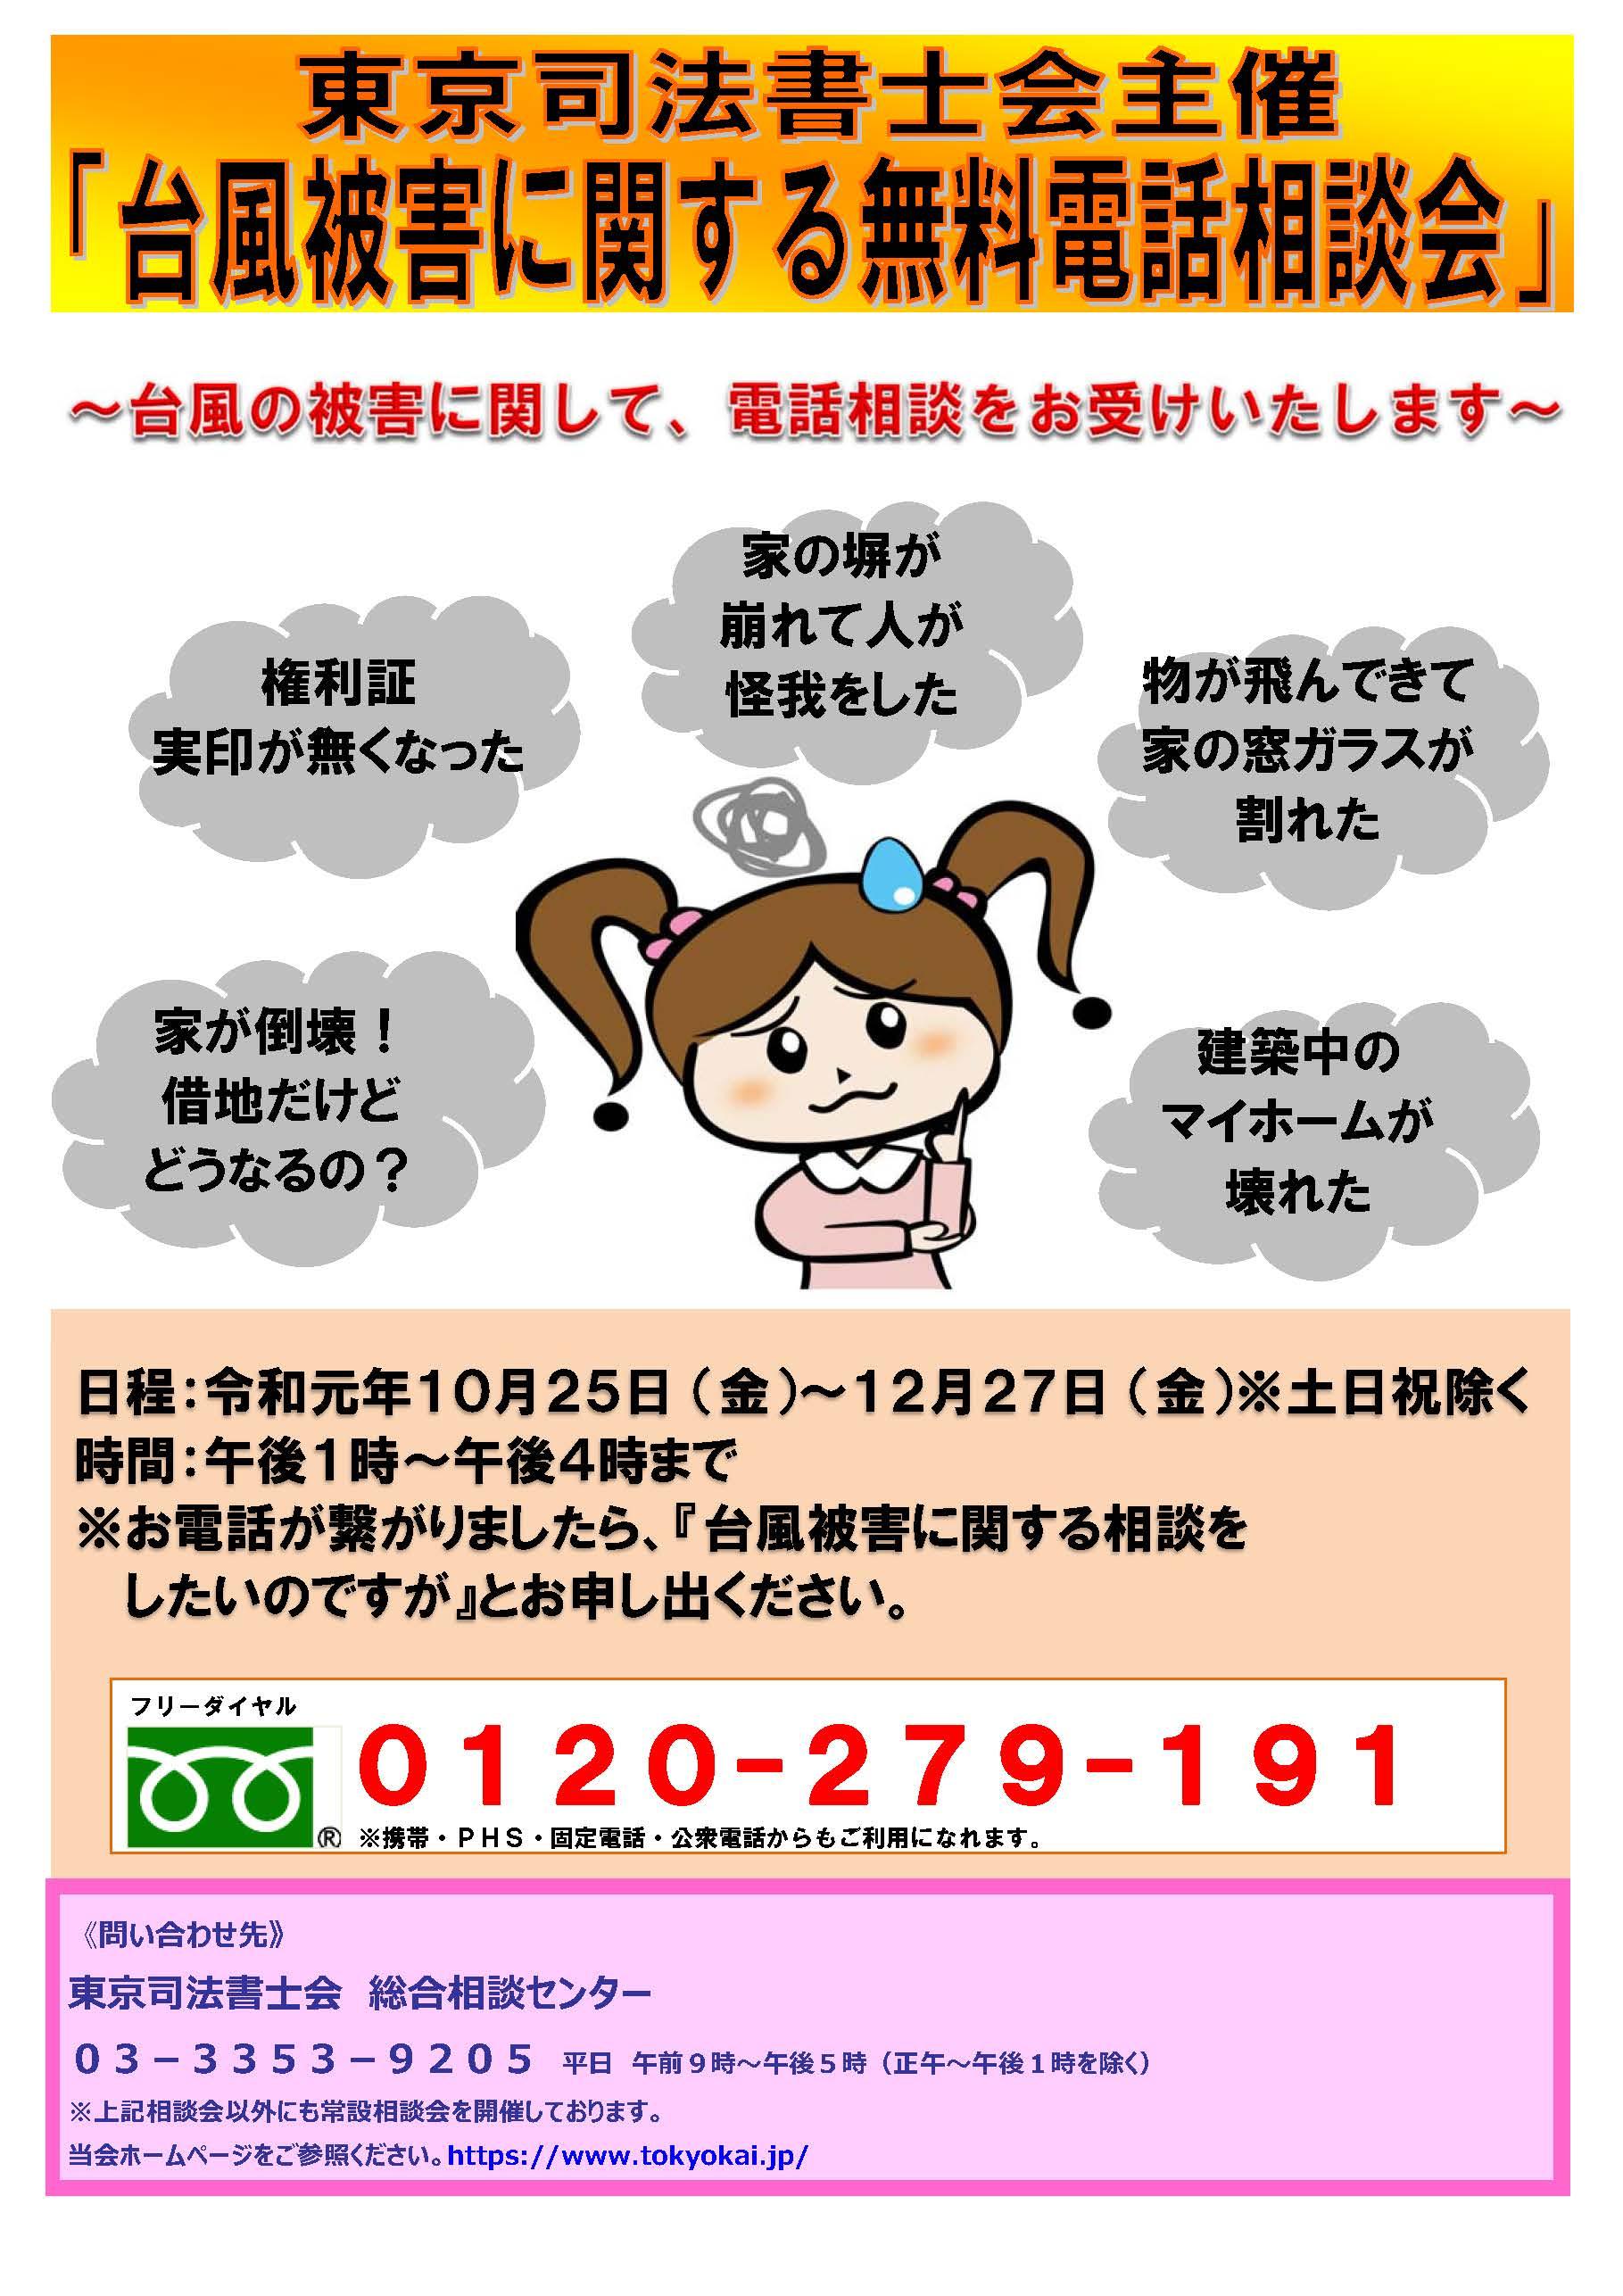 (191205修正)191025~台風被害に関する無料電話相談会:広報チラシ_191021.jpg